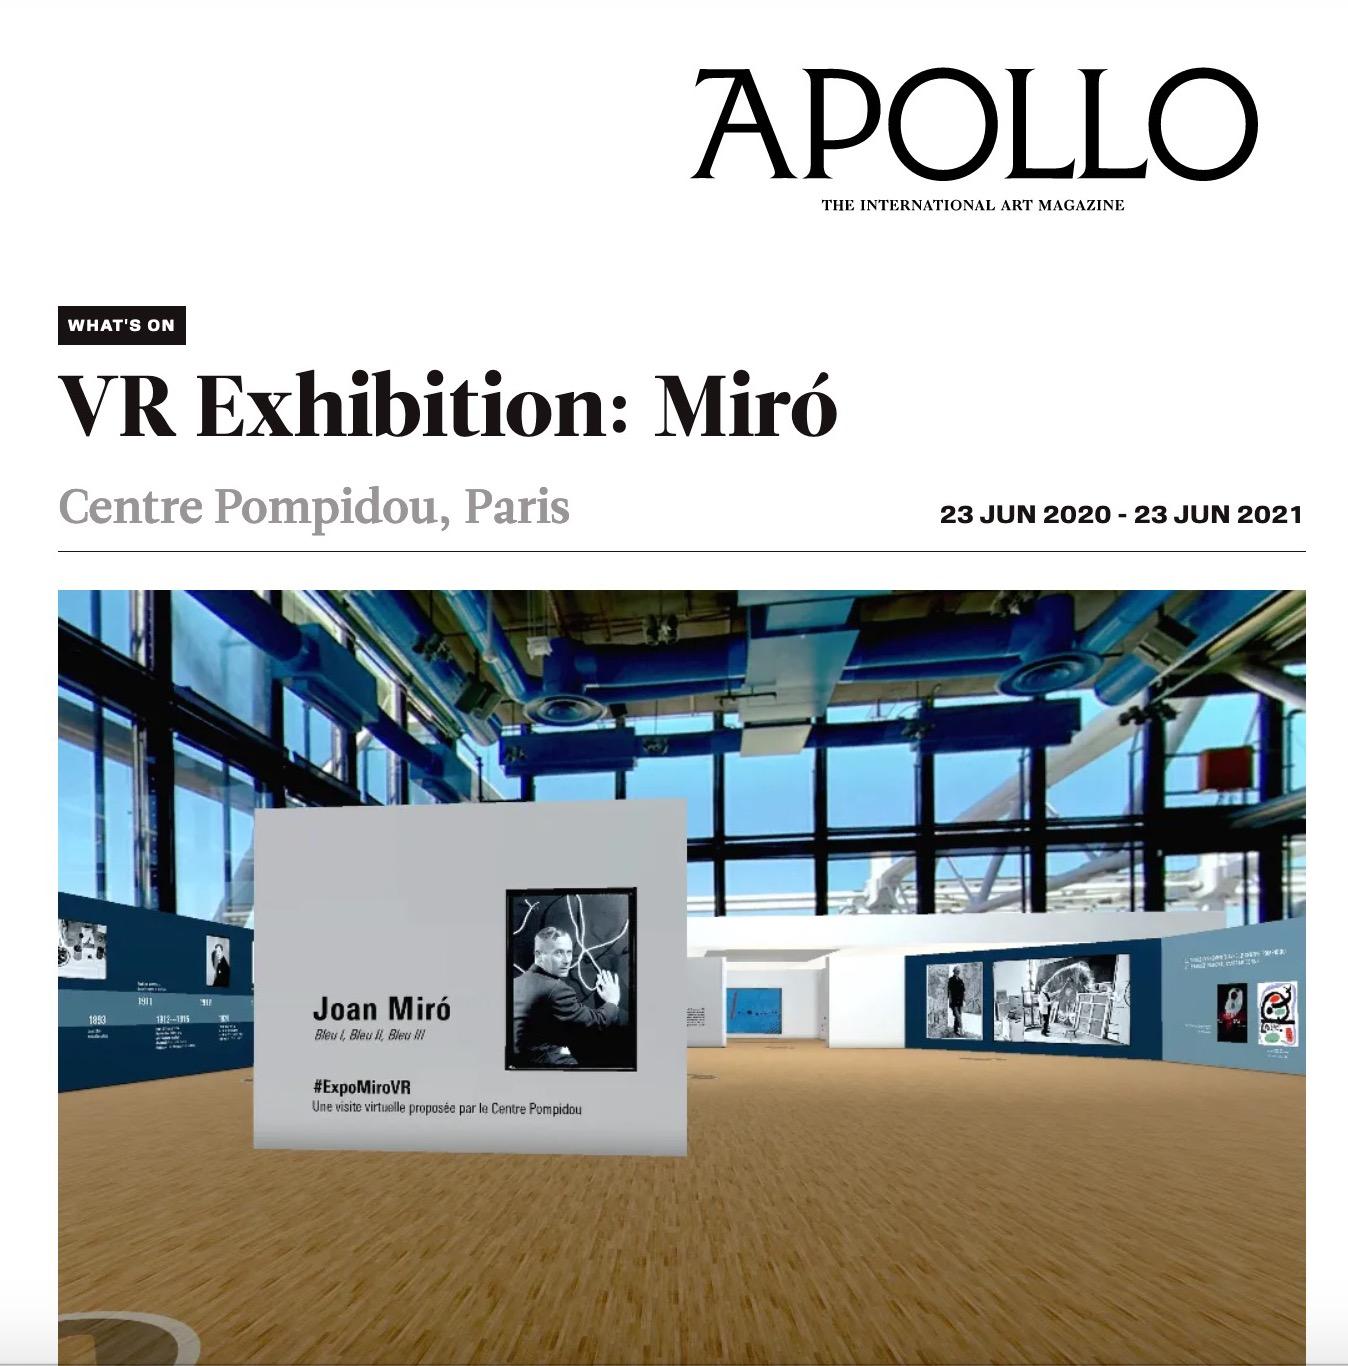 Apollo Mag